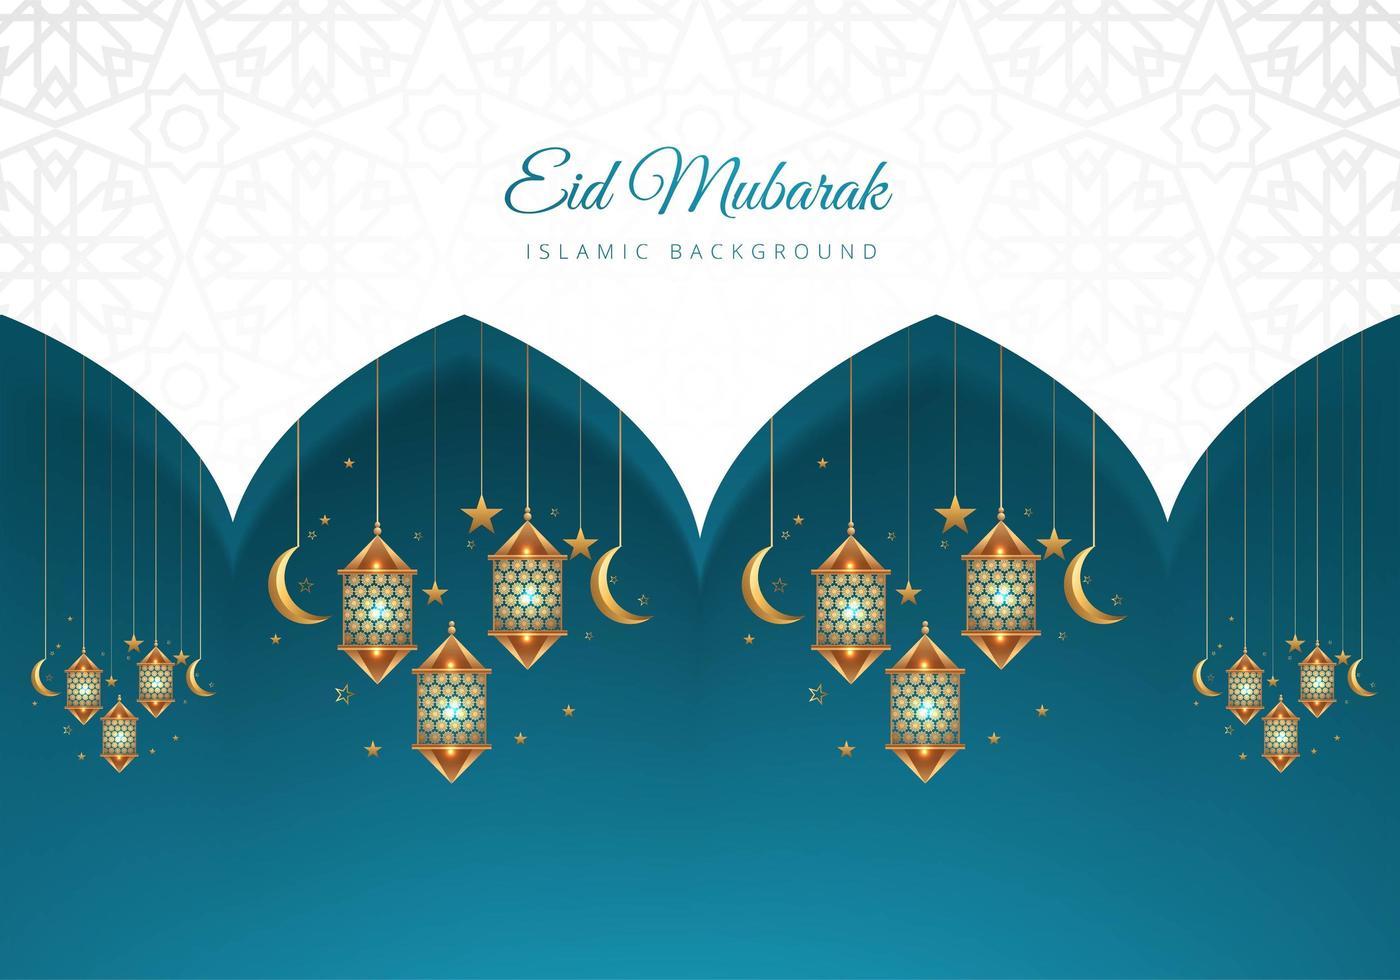 eid mubarak islamischer blauer und weißer Laternenhintergrund vektor